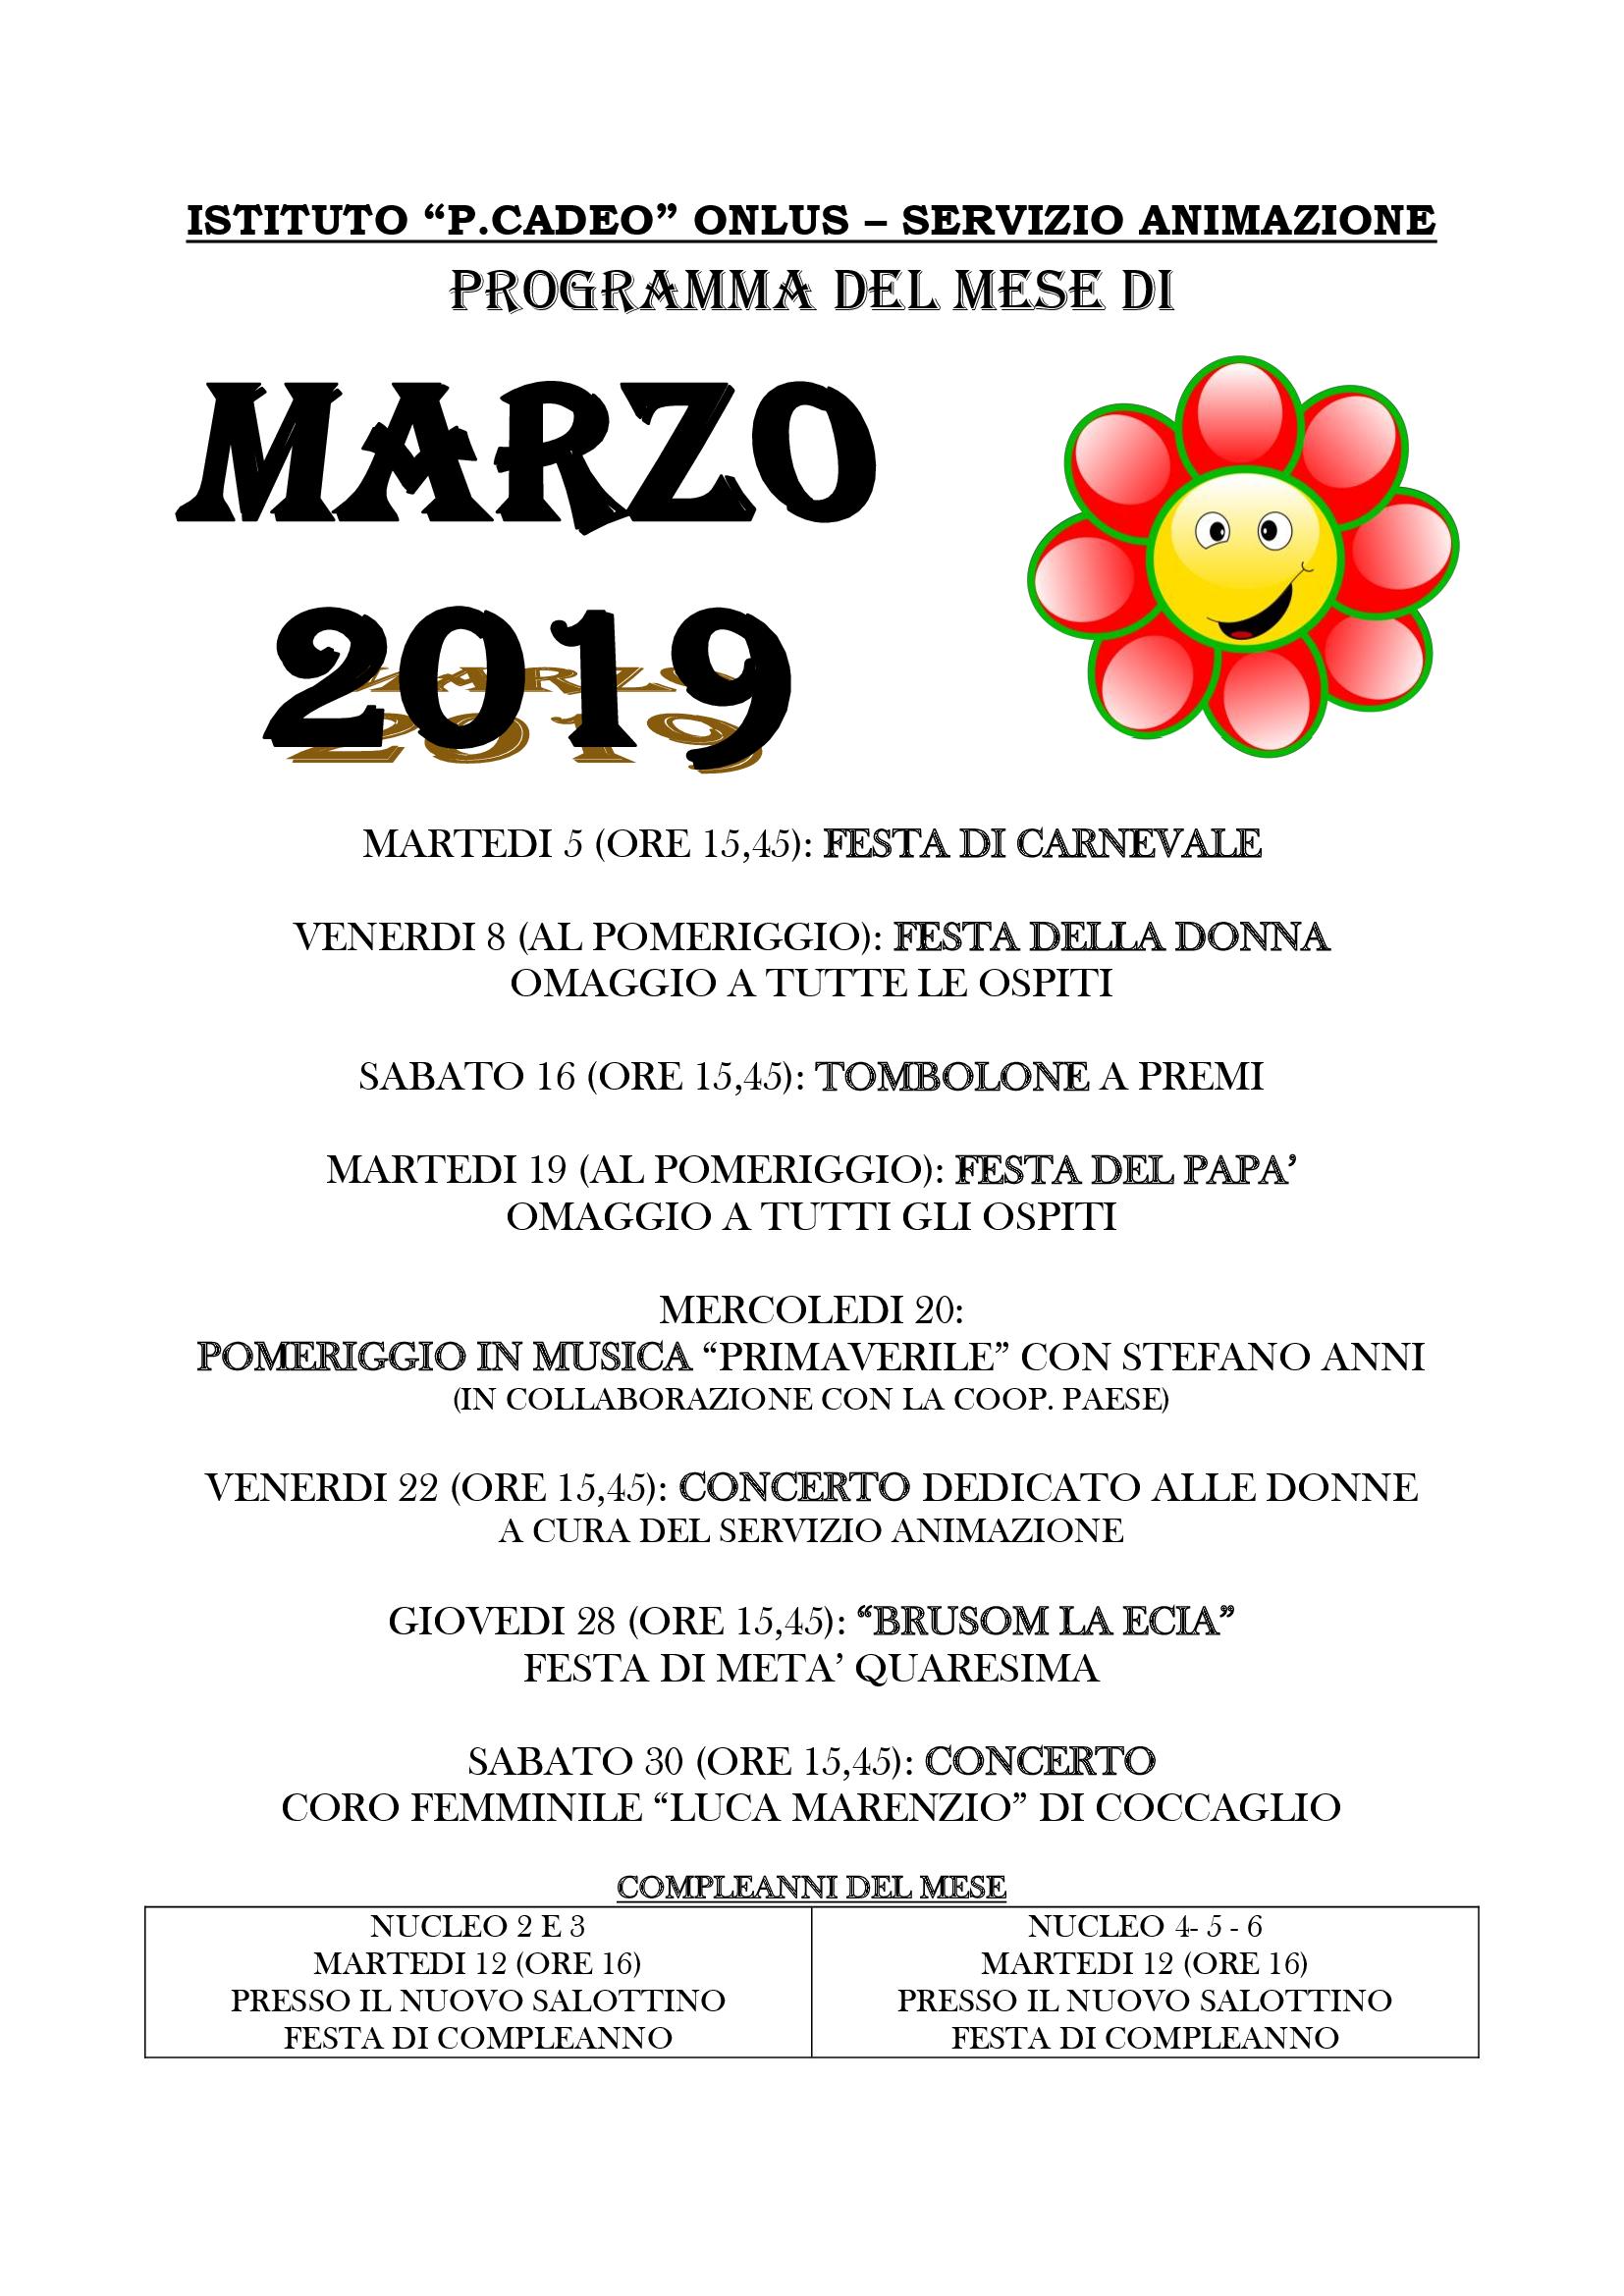 PROGRAMMA-MARZO-2098